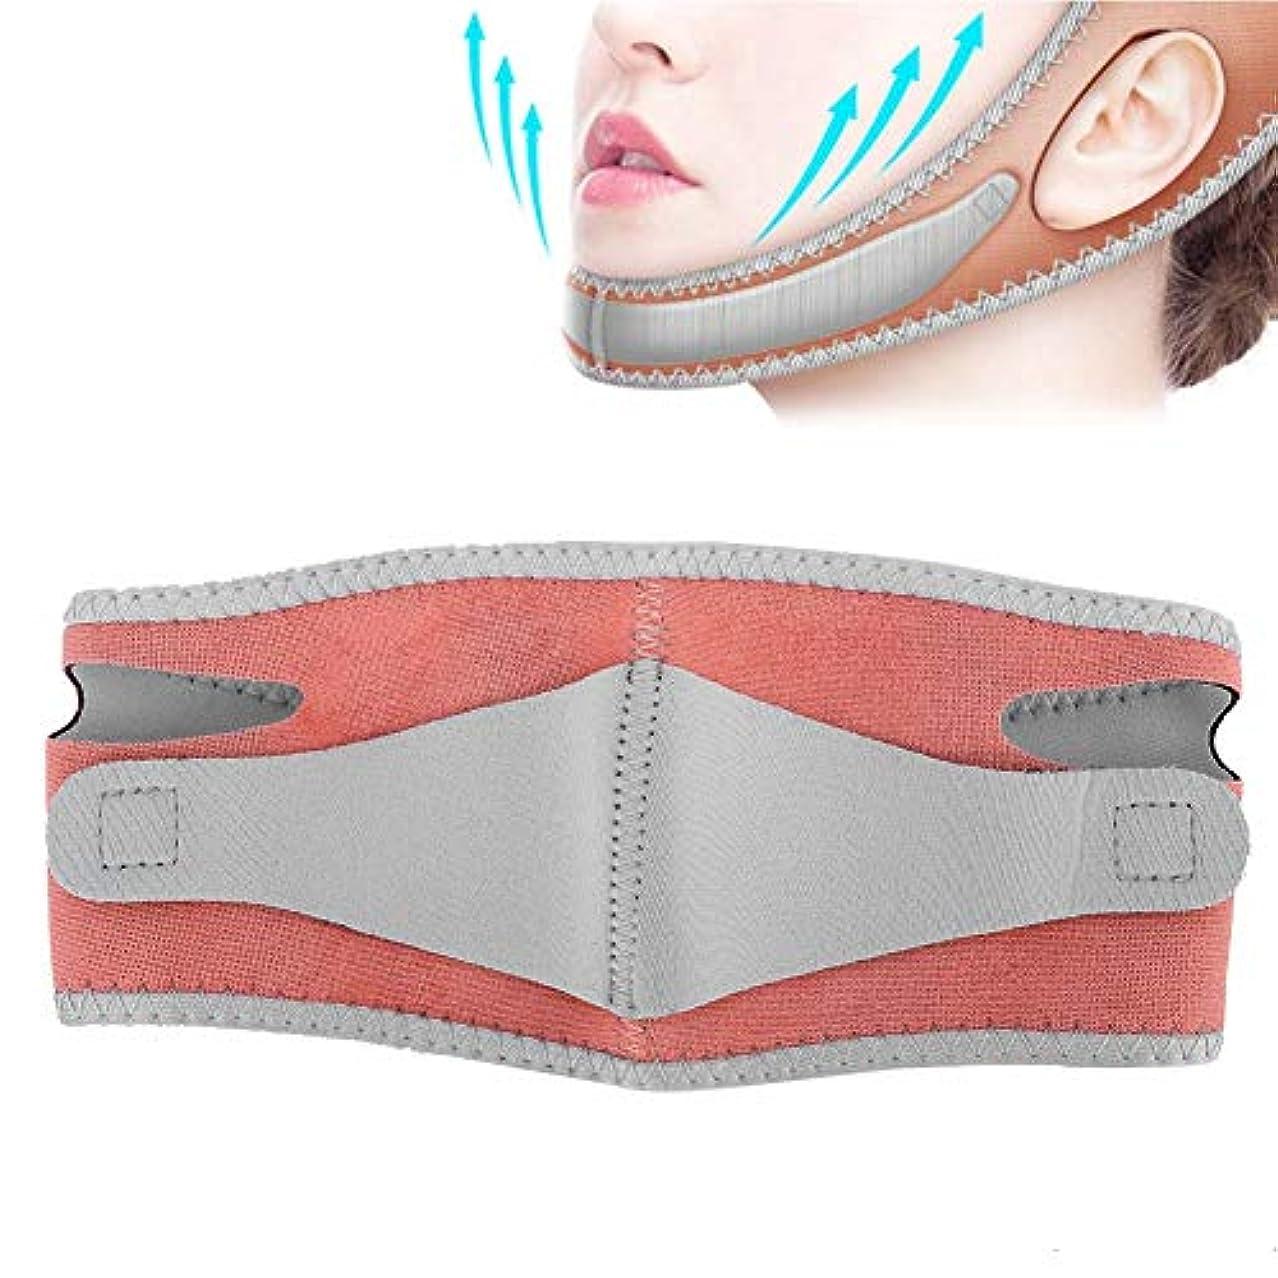 アラブ人悲劇凍った薄い顔包帯顔、Vフェイスラインスリムダブルチンチークスリムリフトアップ引き締まった肌防止マスクあなたが顔の肌を引き締めるのに役立ちます